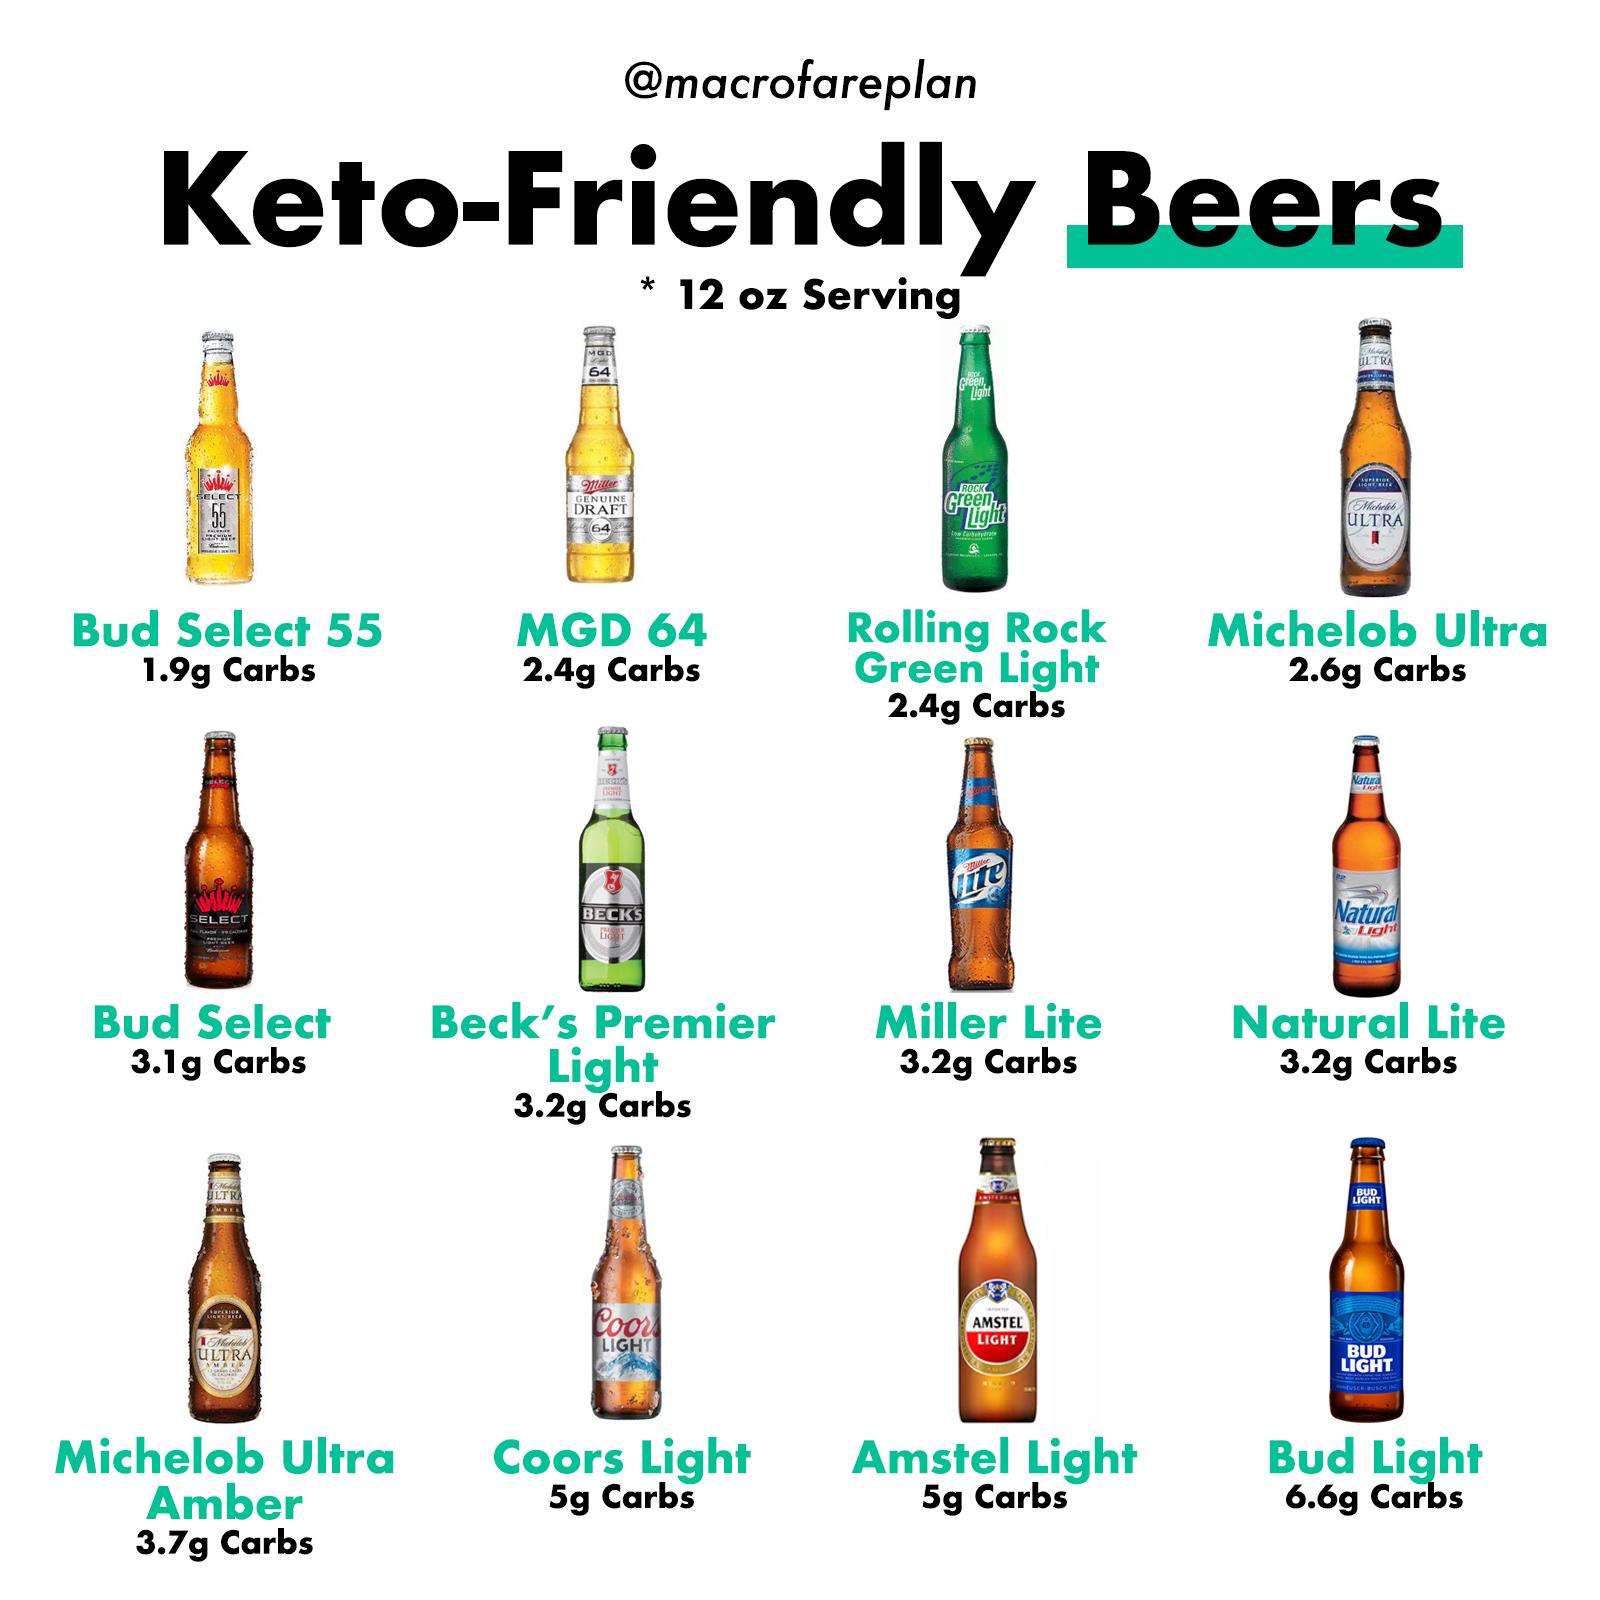 keto-friendly beer – macrofare